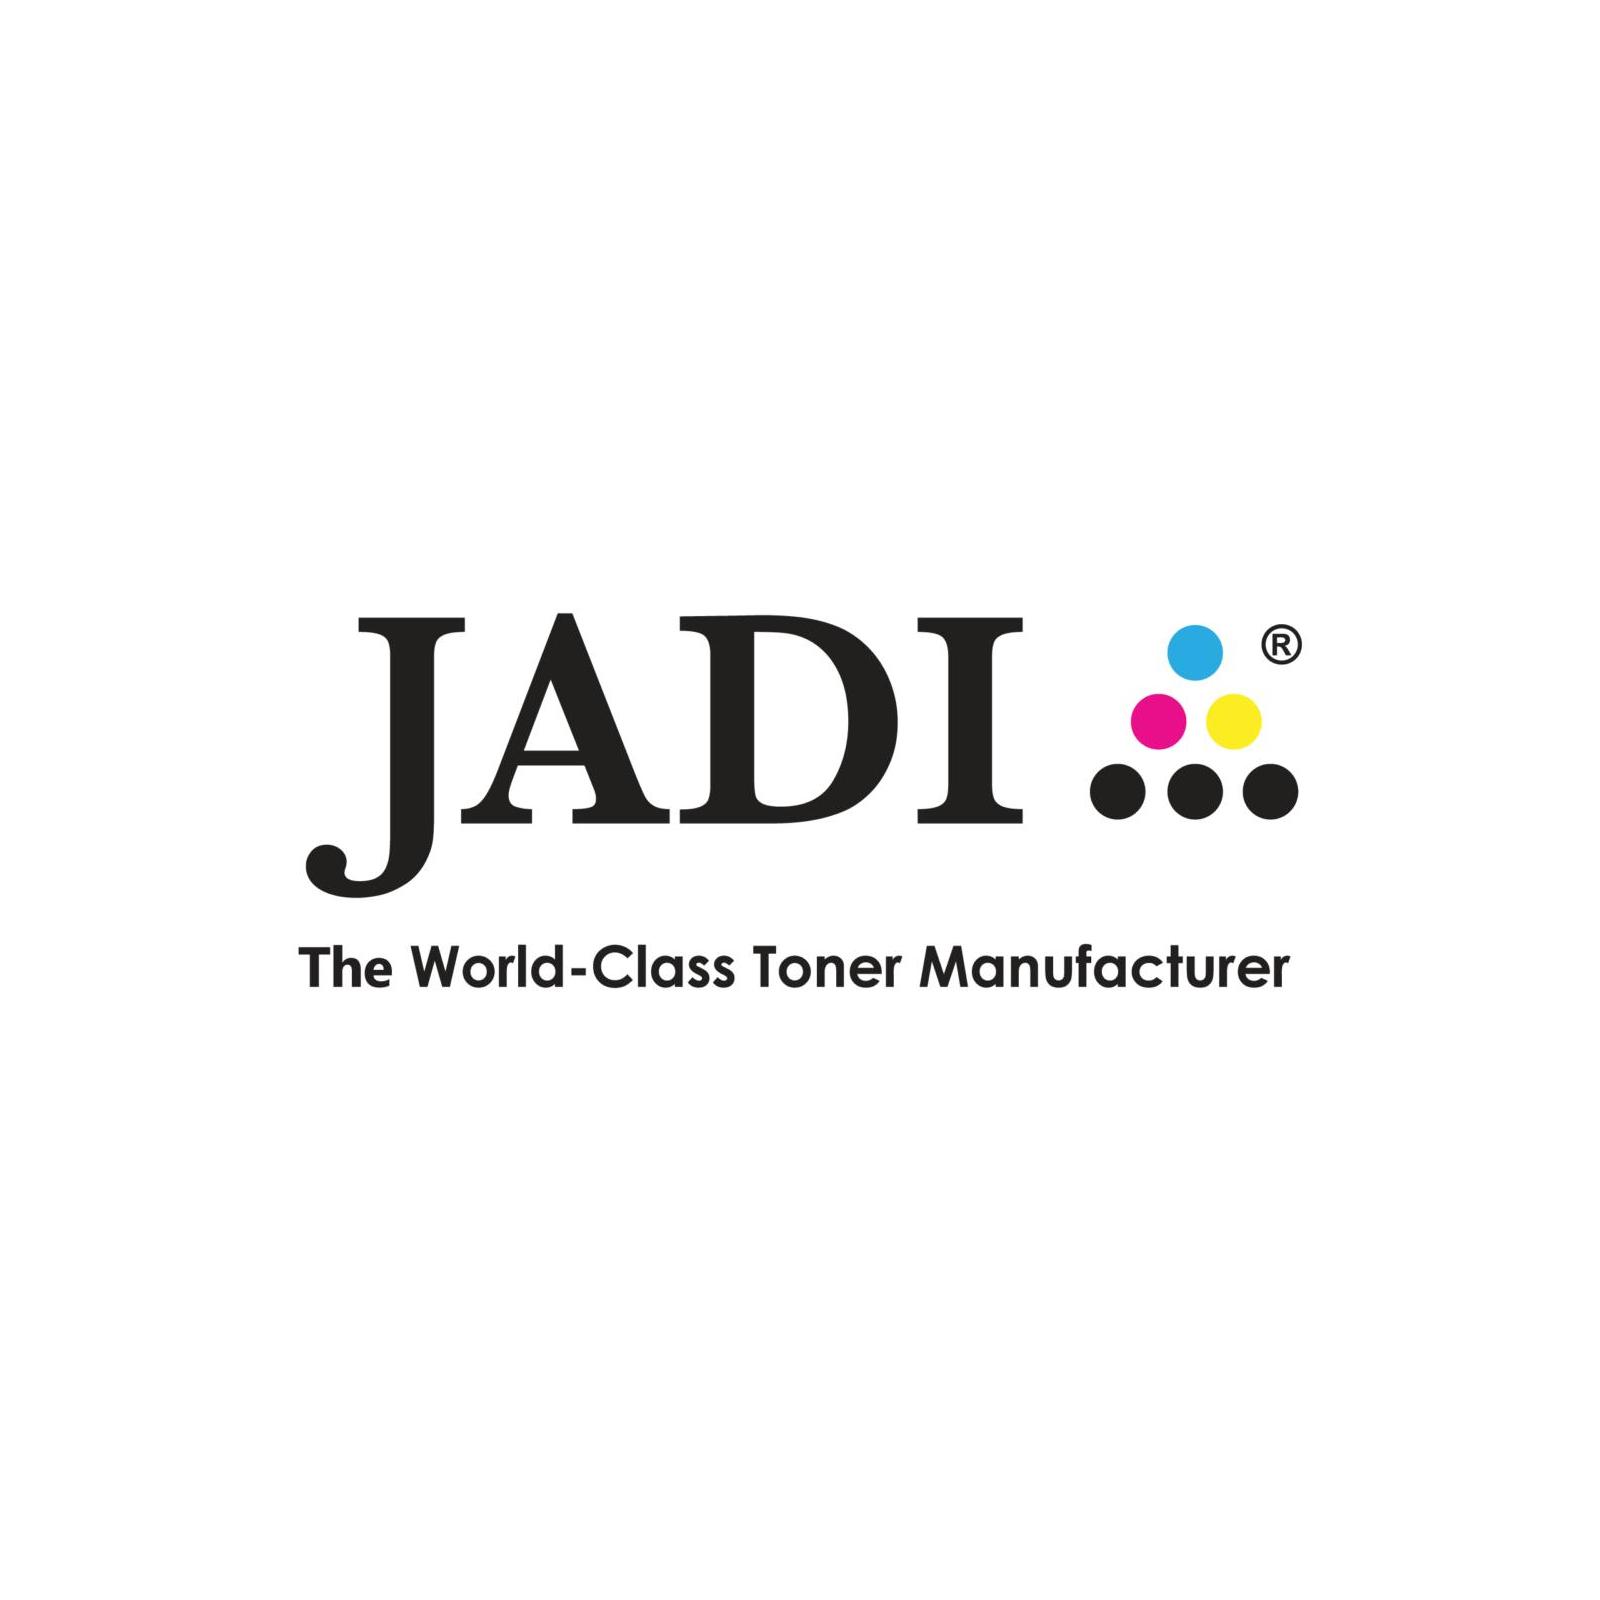 Тонер HP LJ1010/1160/4250/P1005/M402/M604 100г Jadi (TSM-JLT-075-100)